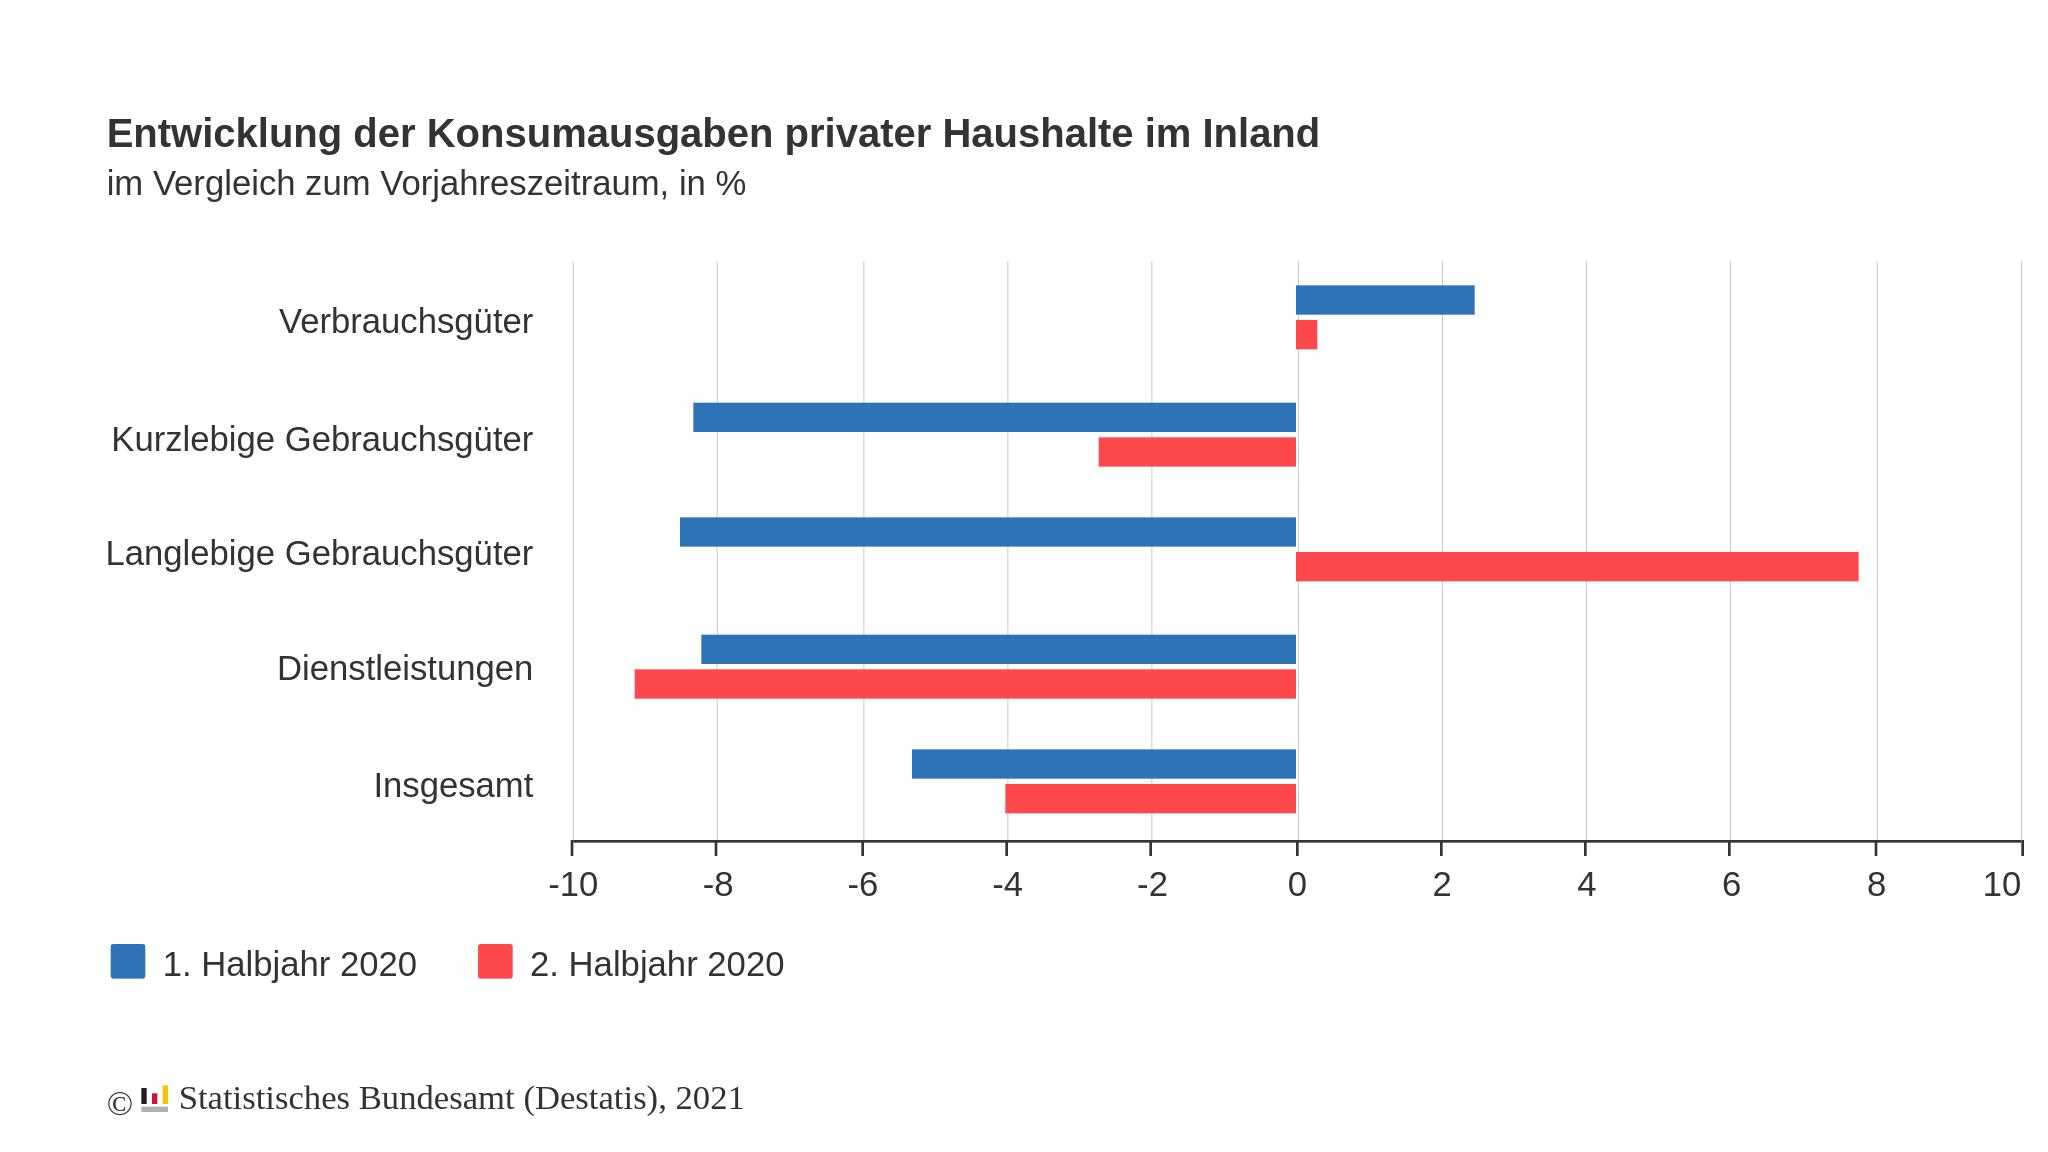 Entwicklung der Konsumausgaben privater Haushalte in Deutschland in Prozent